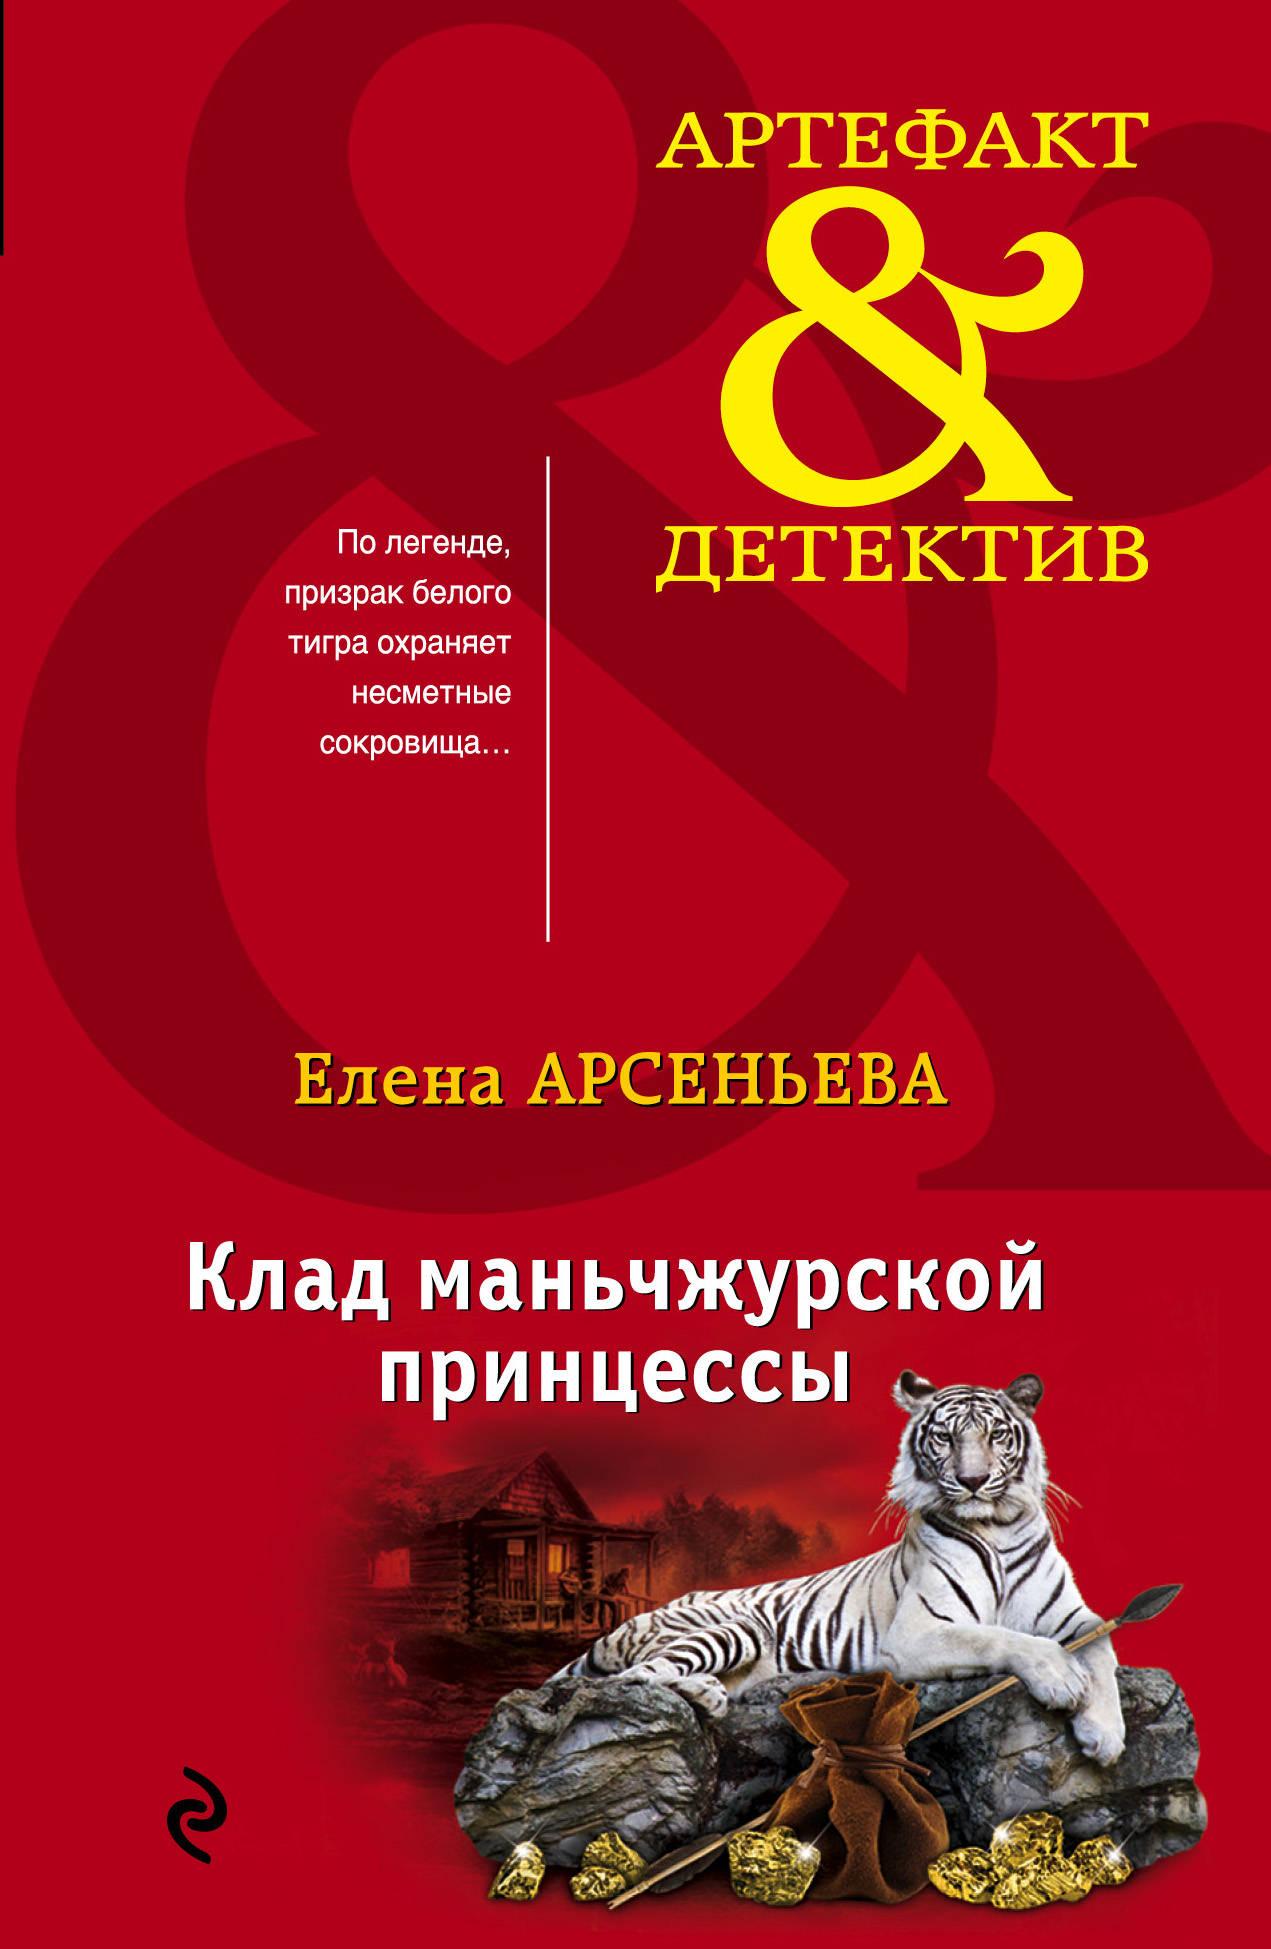 Zakazat.ru: Клад маньчжурской принцессы. Арсеньева Елена Арсеньевна